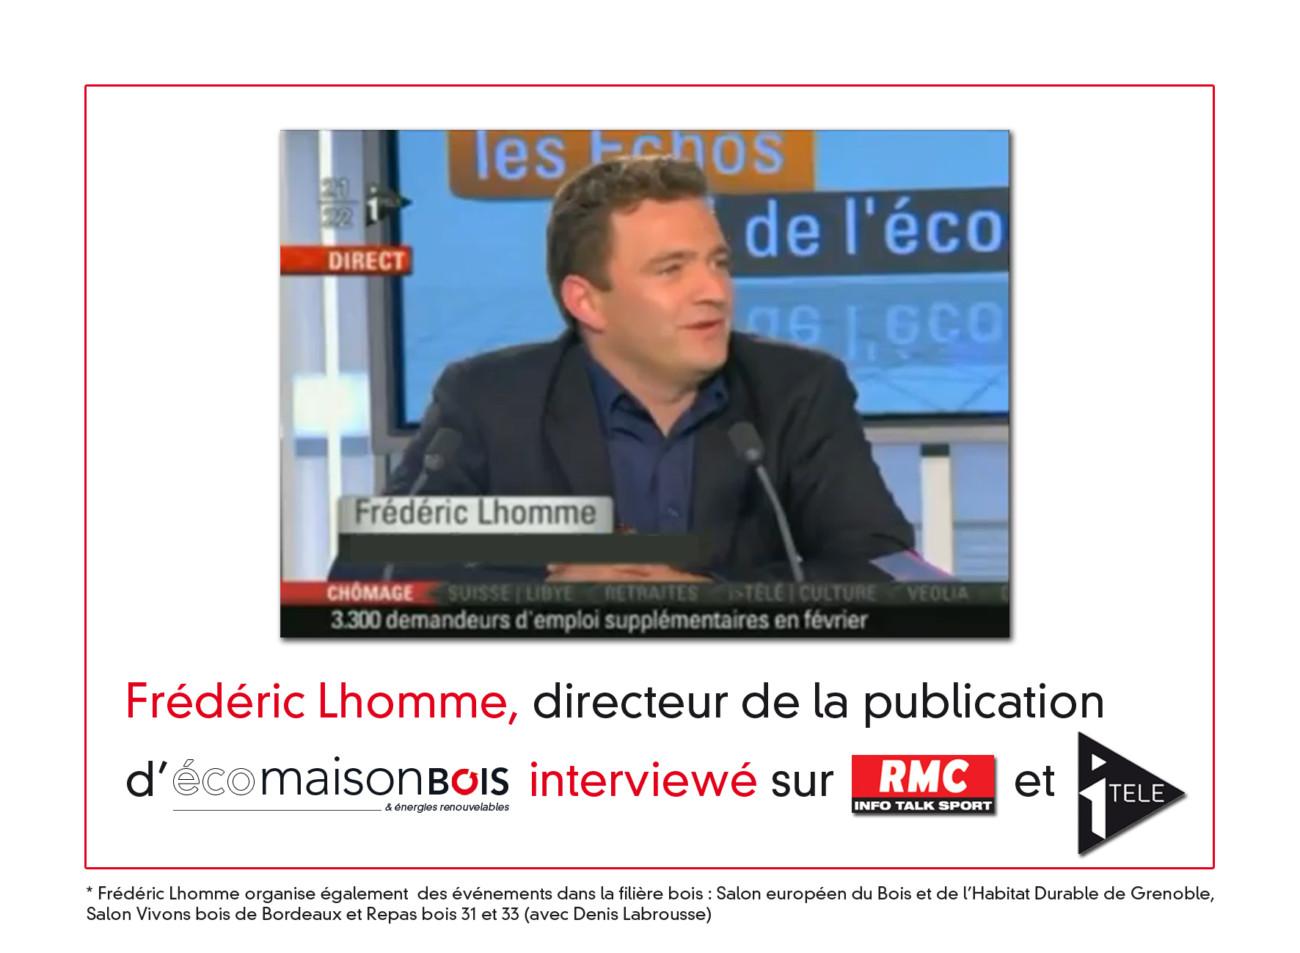 Interview de Frederic Lhomme sur itélé et RMC